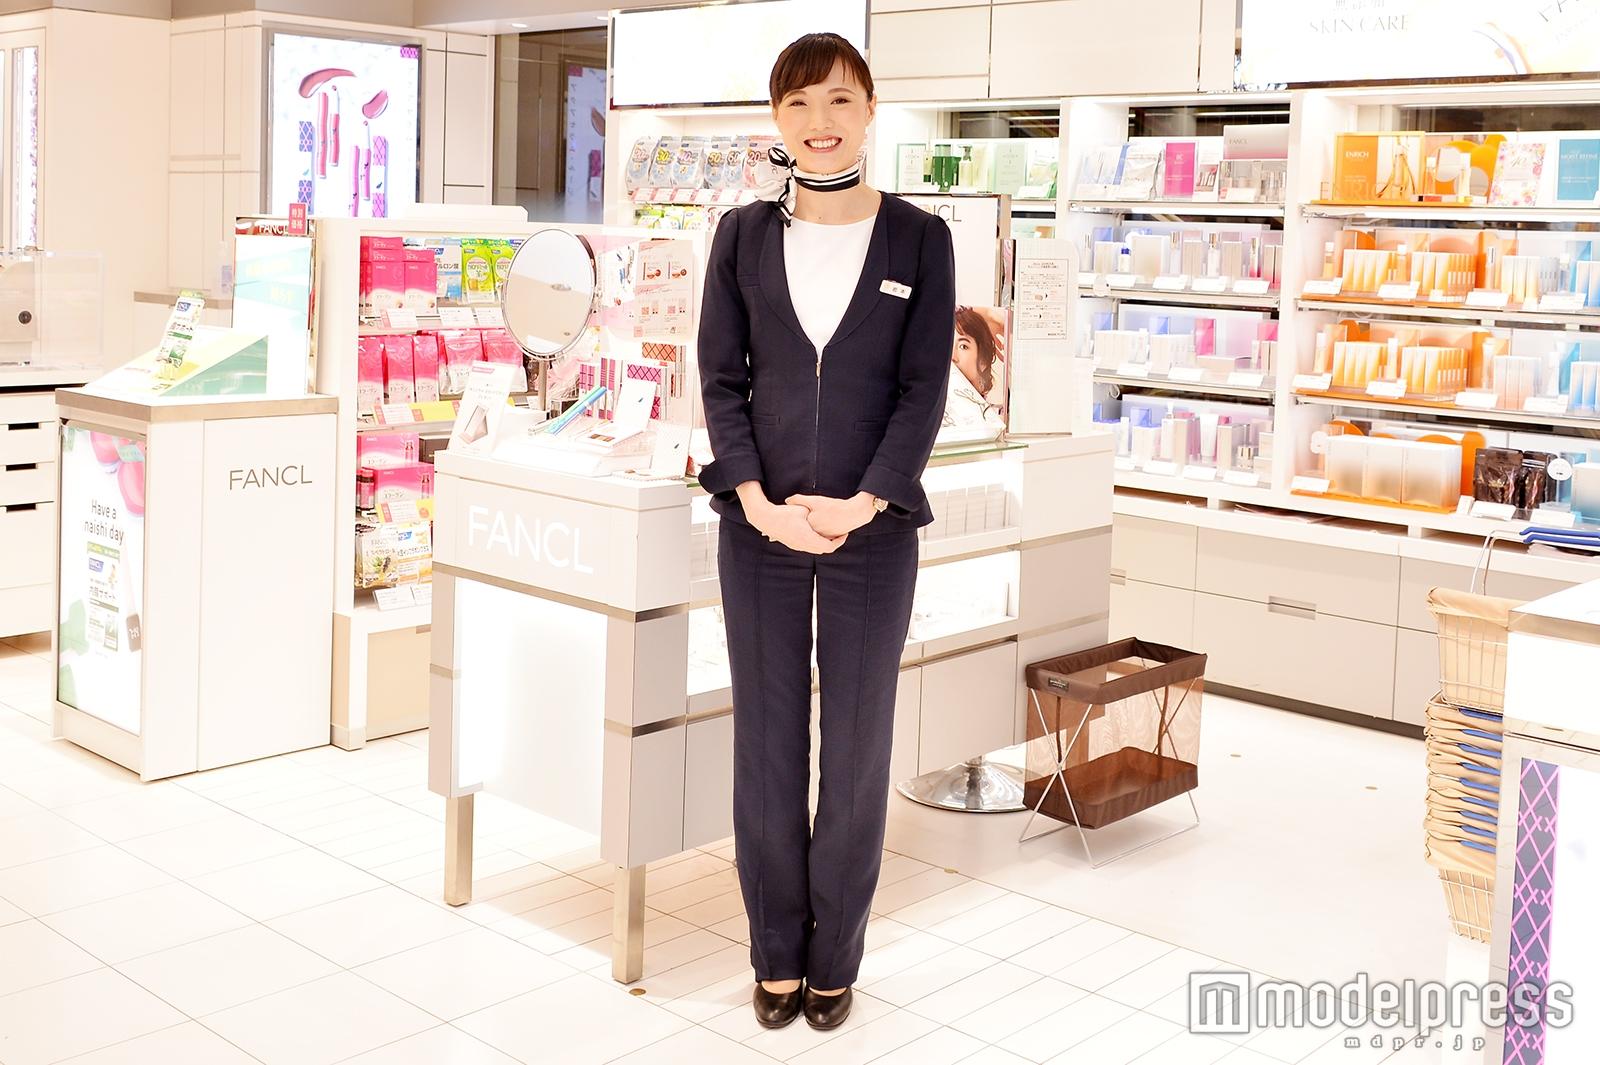 「FANCL」店舗で取材を実施(C)モデルプレス